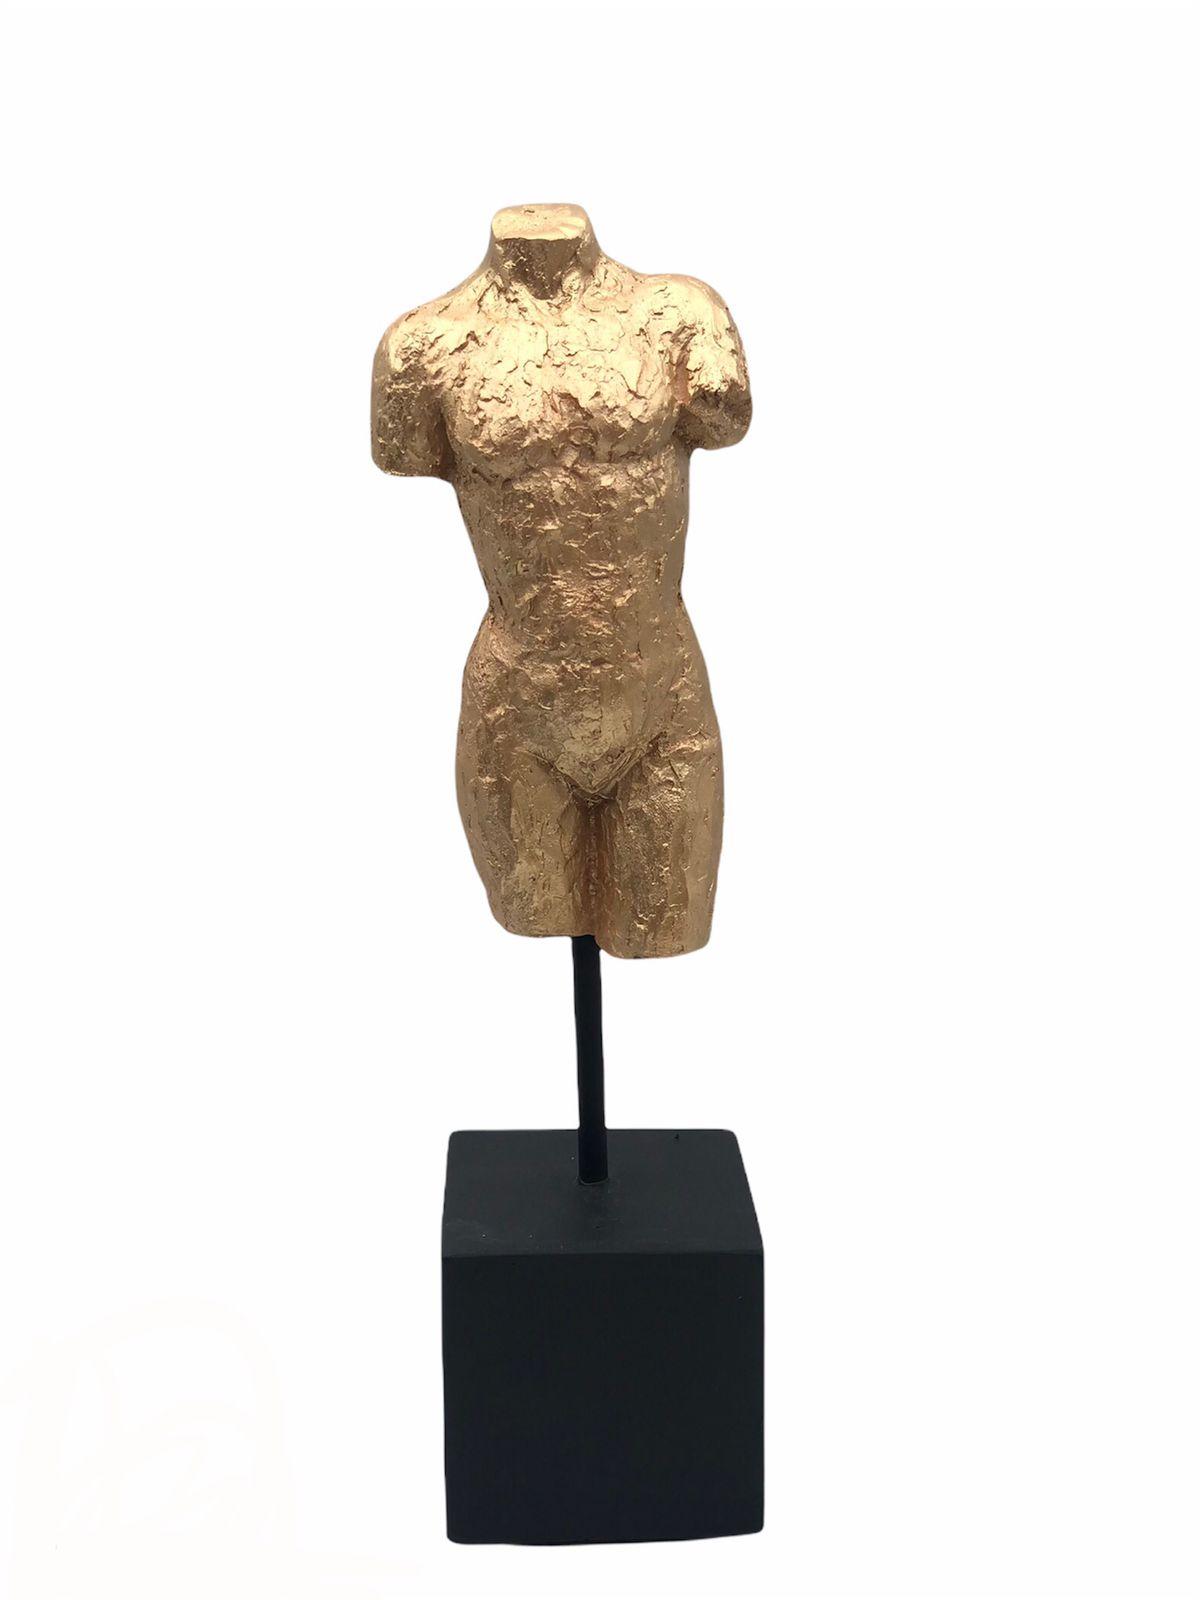 Escultura Tronco Dourado